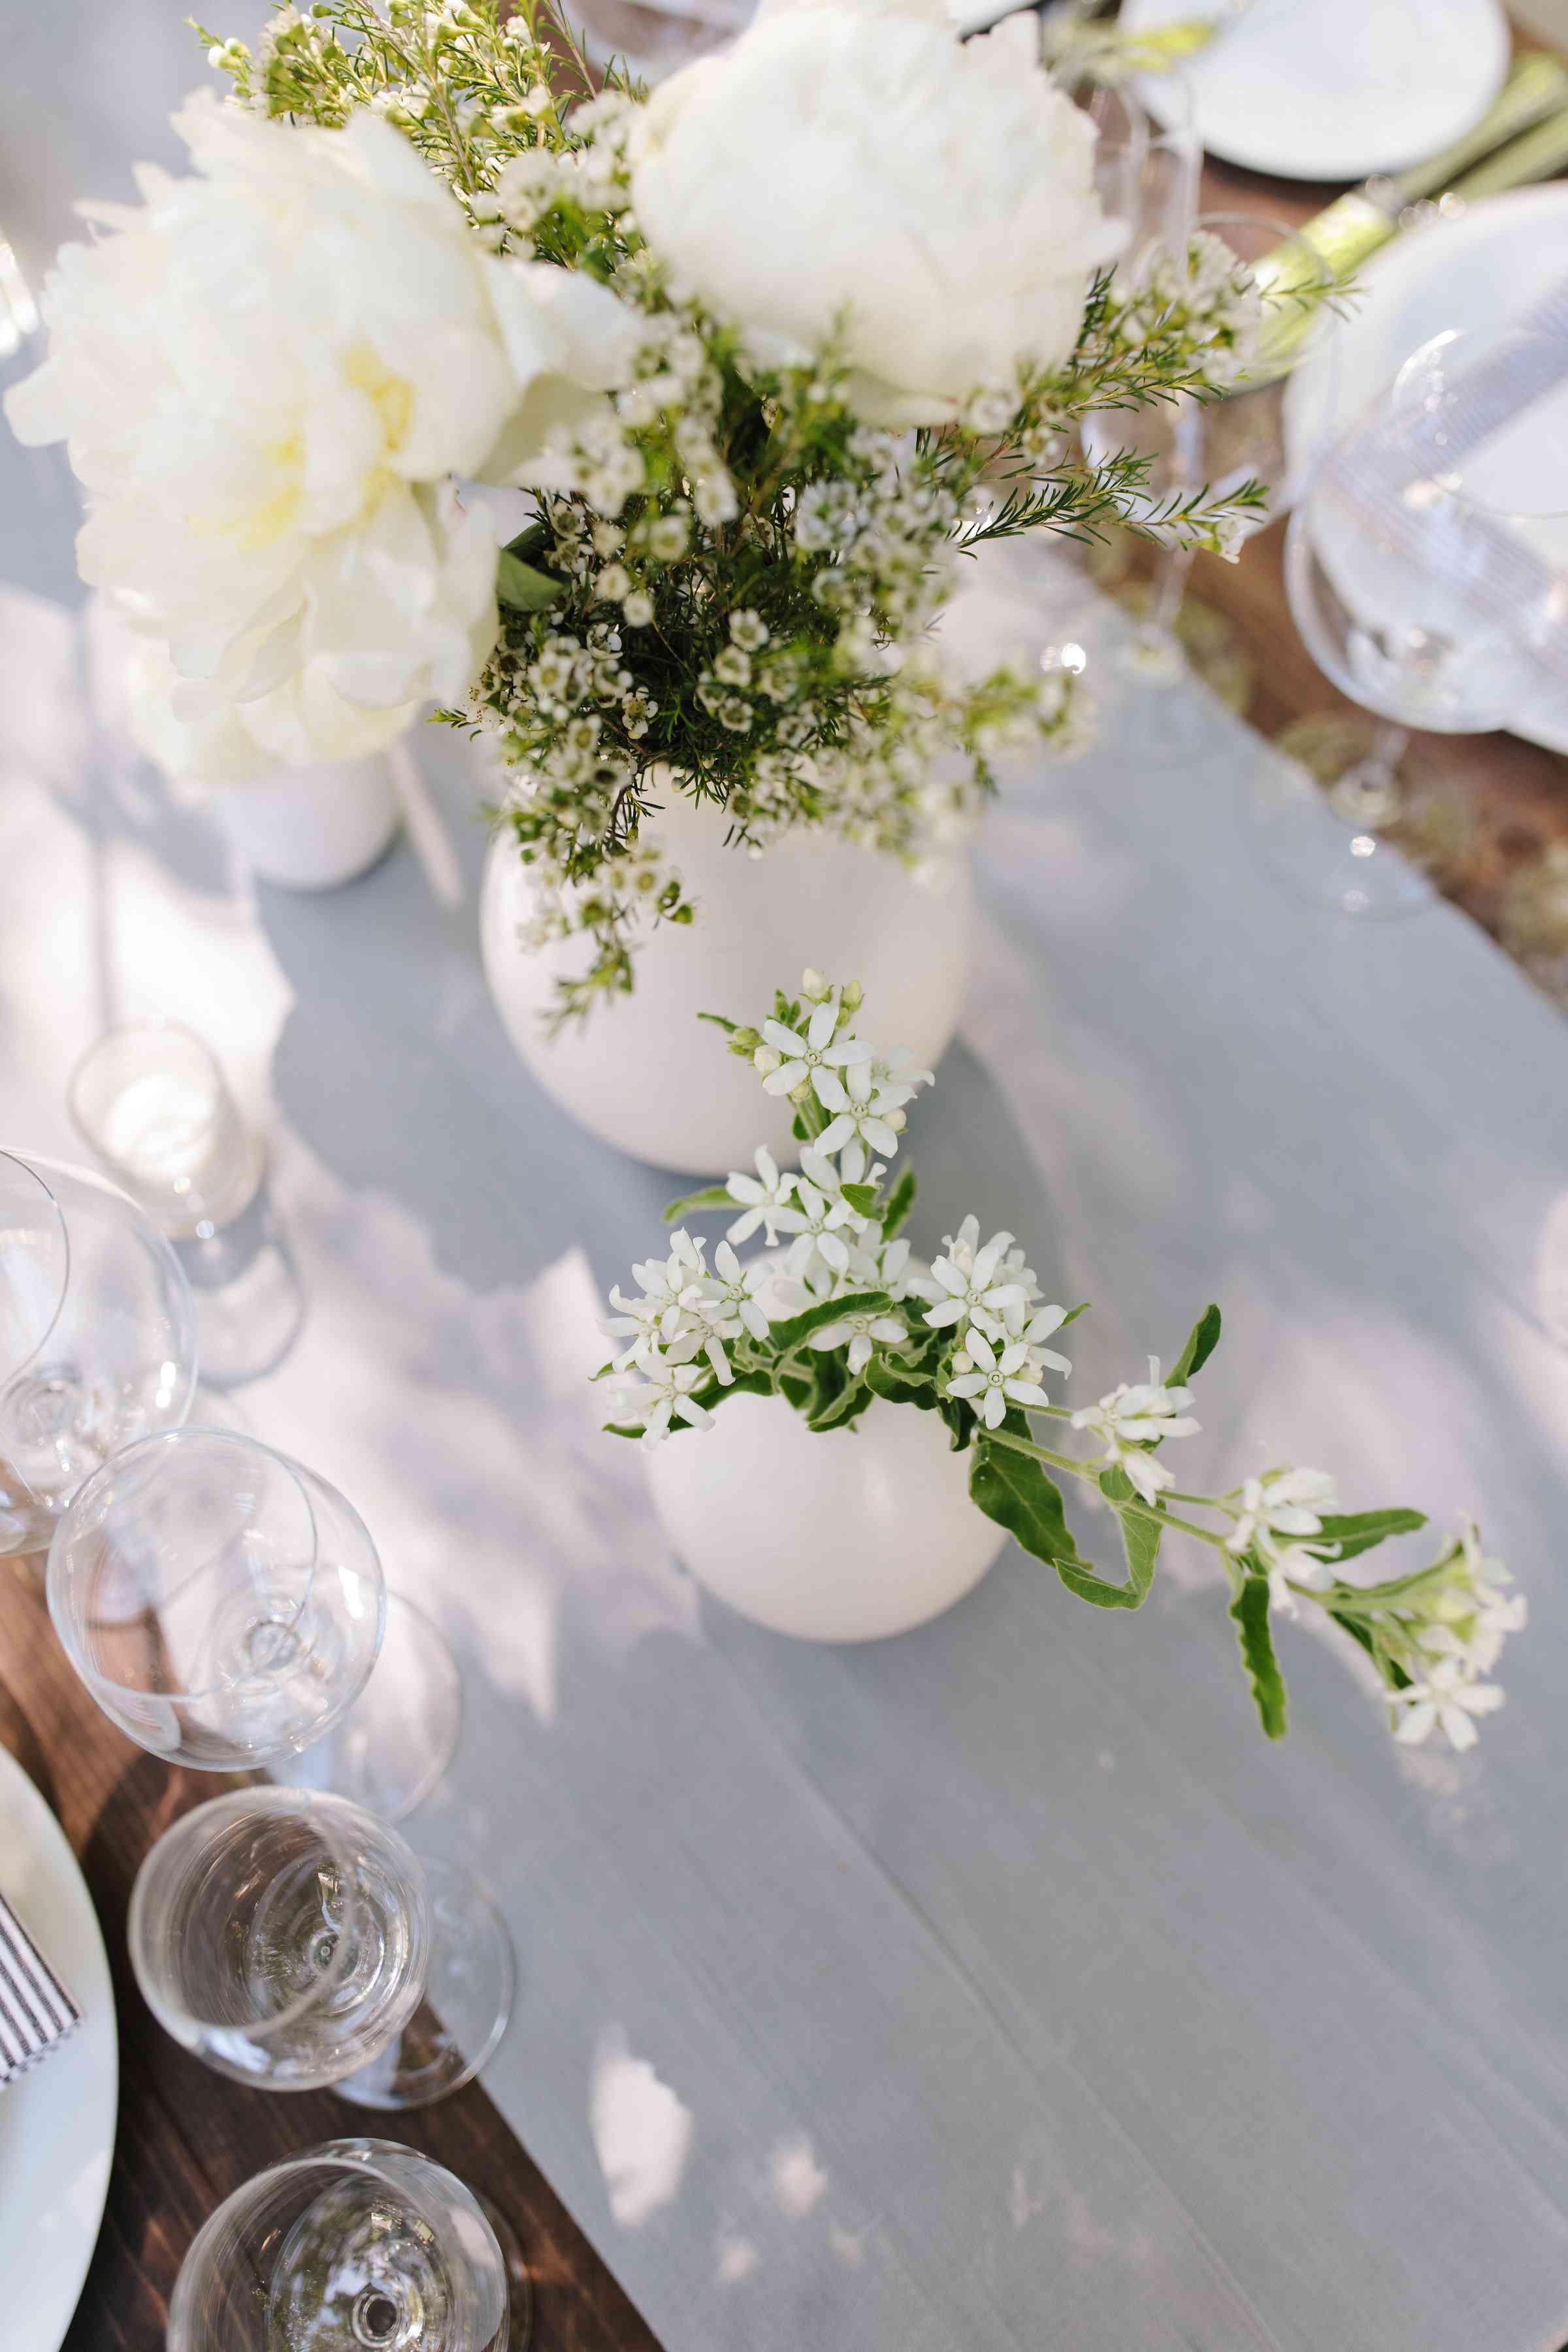 <p>floral centerpieces</p><br><br>